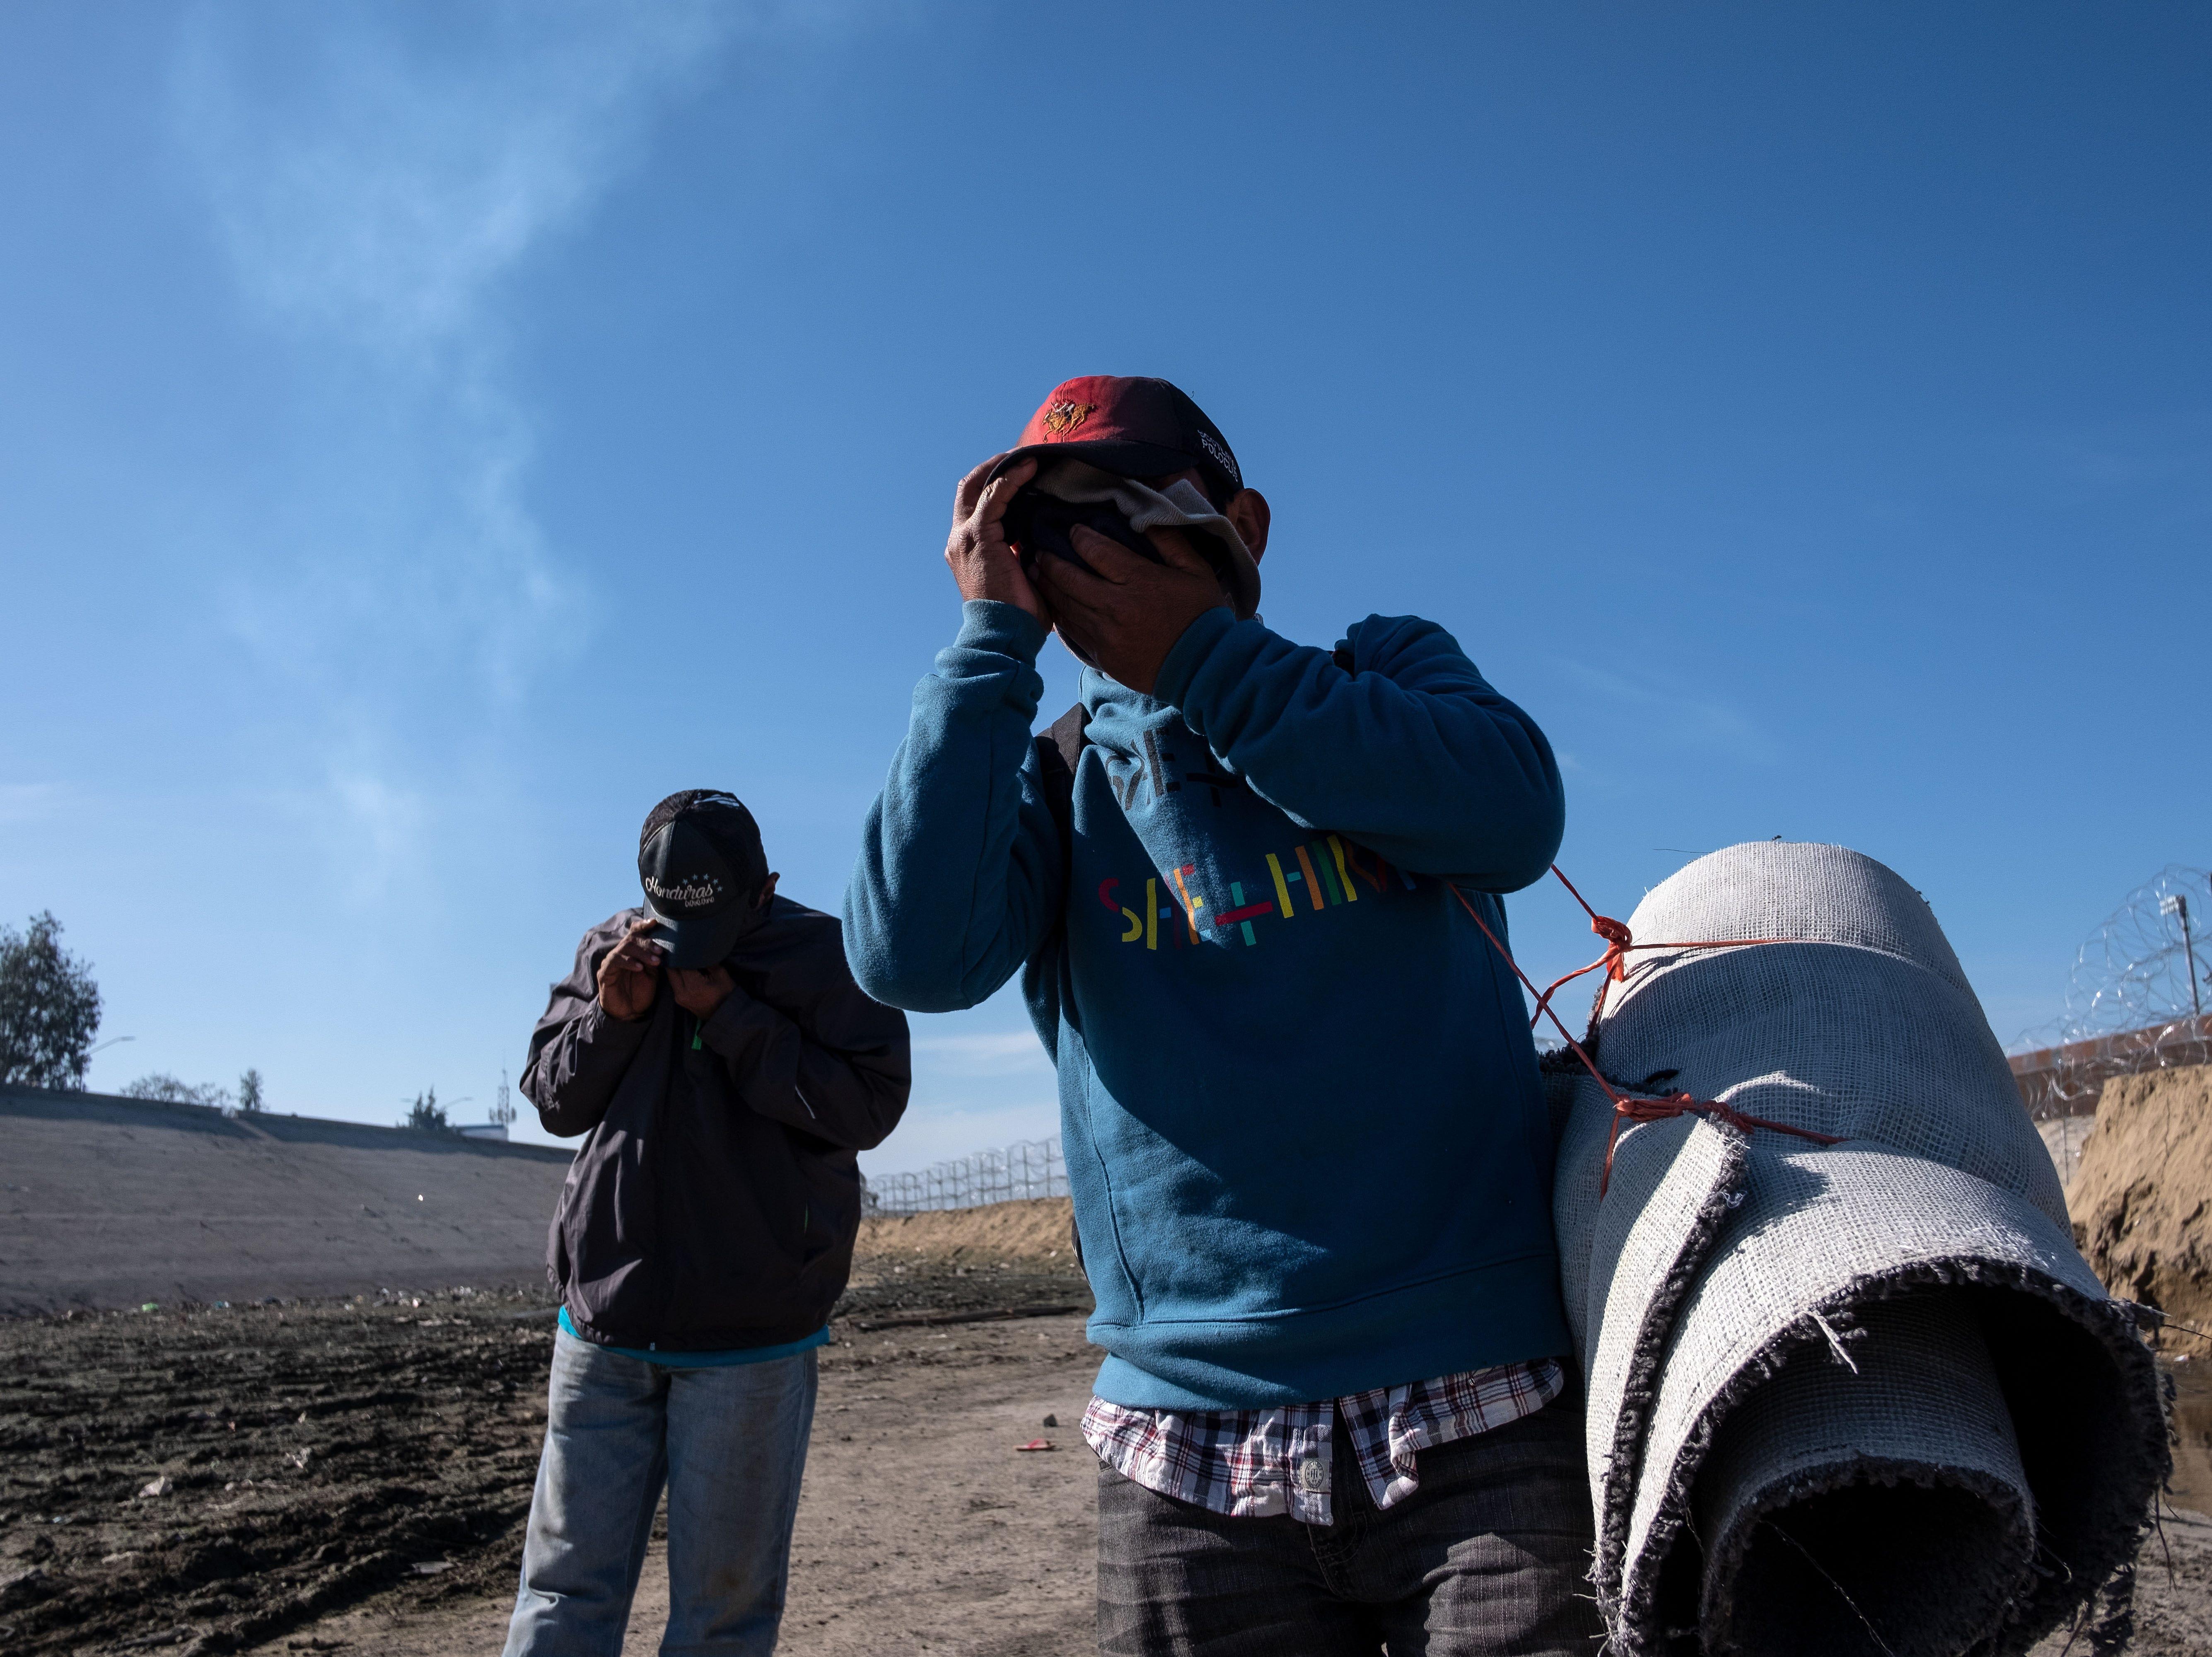 Los migrantes centroamericanos, en su mayoría hondureños, cubren sus rostros al lado del río Tijuana, cerca del cruce fronterizo de El Chaparral en Tijuana, estado de Baja California, México, luego de que la Patrulla Fronteriza de EE. UU. lanzara gases lacrimógenos para dispersarlos después de una supuesta disputa verbal, en noviembre. 25, 2018.